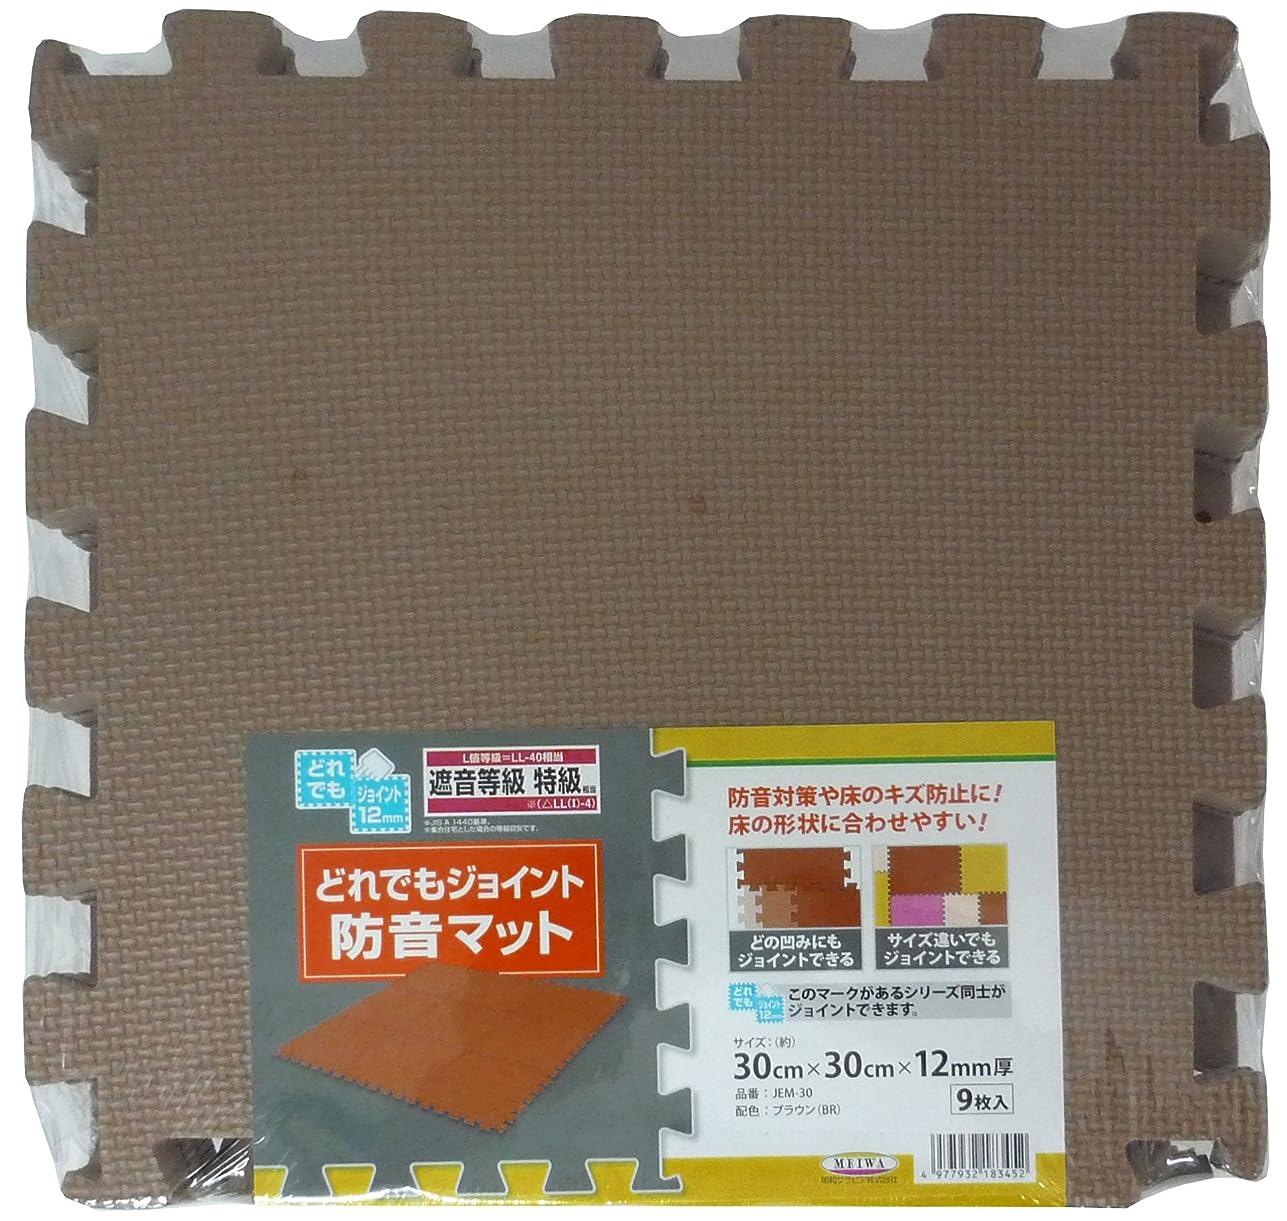 実装するファイナンスエレガントMEIWA ジョイントマット 防音 9枚入 ブラウン サイズ(30cm×30cm×厚さ12mm) JEM-30